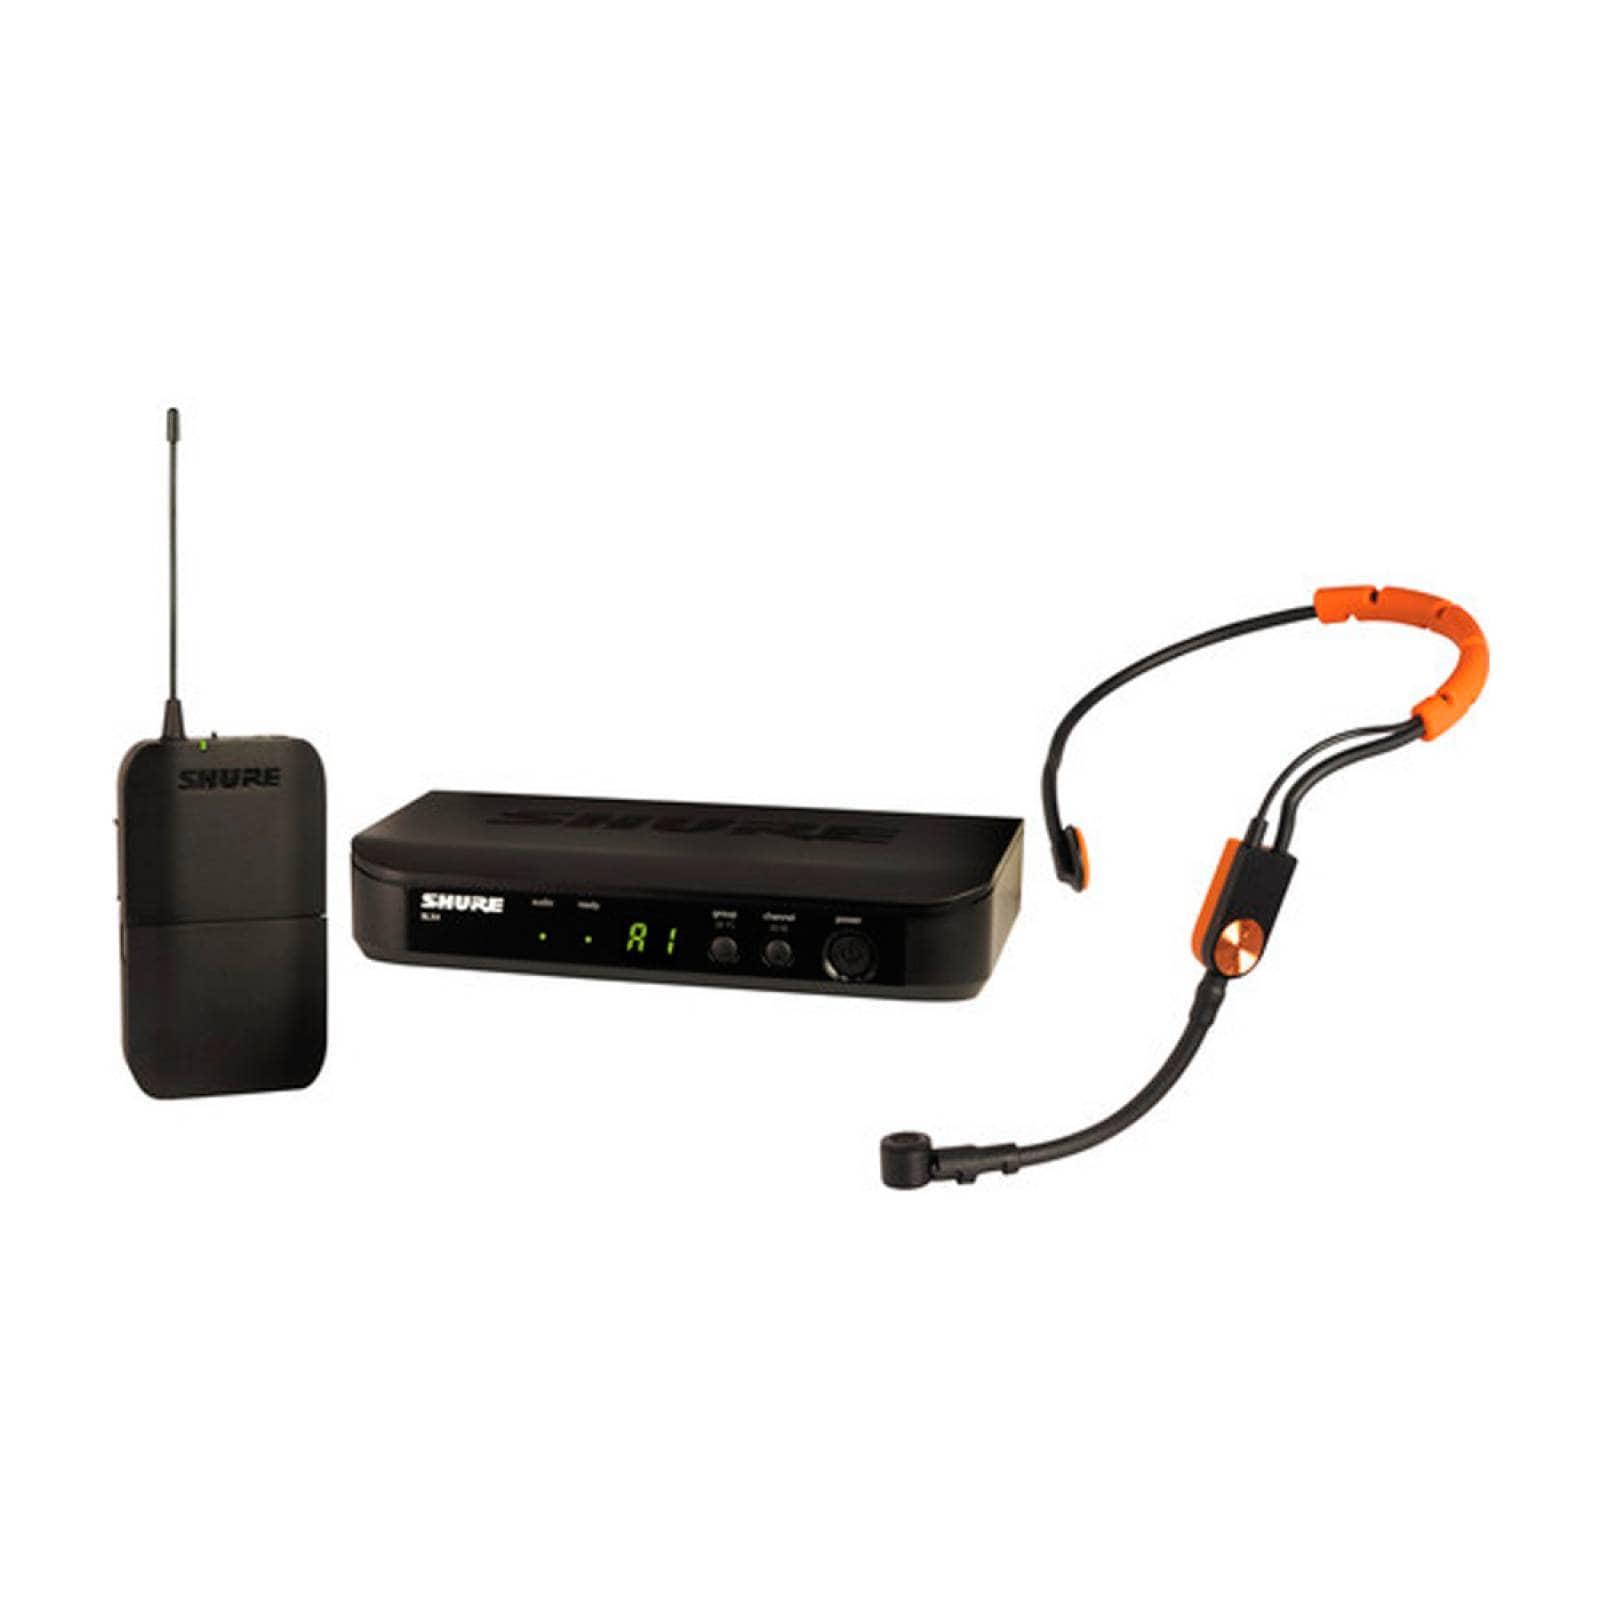 Micrófono Inalámbrico Sport Diadema 680 MhzBLX14/SM31 Shure